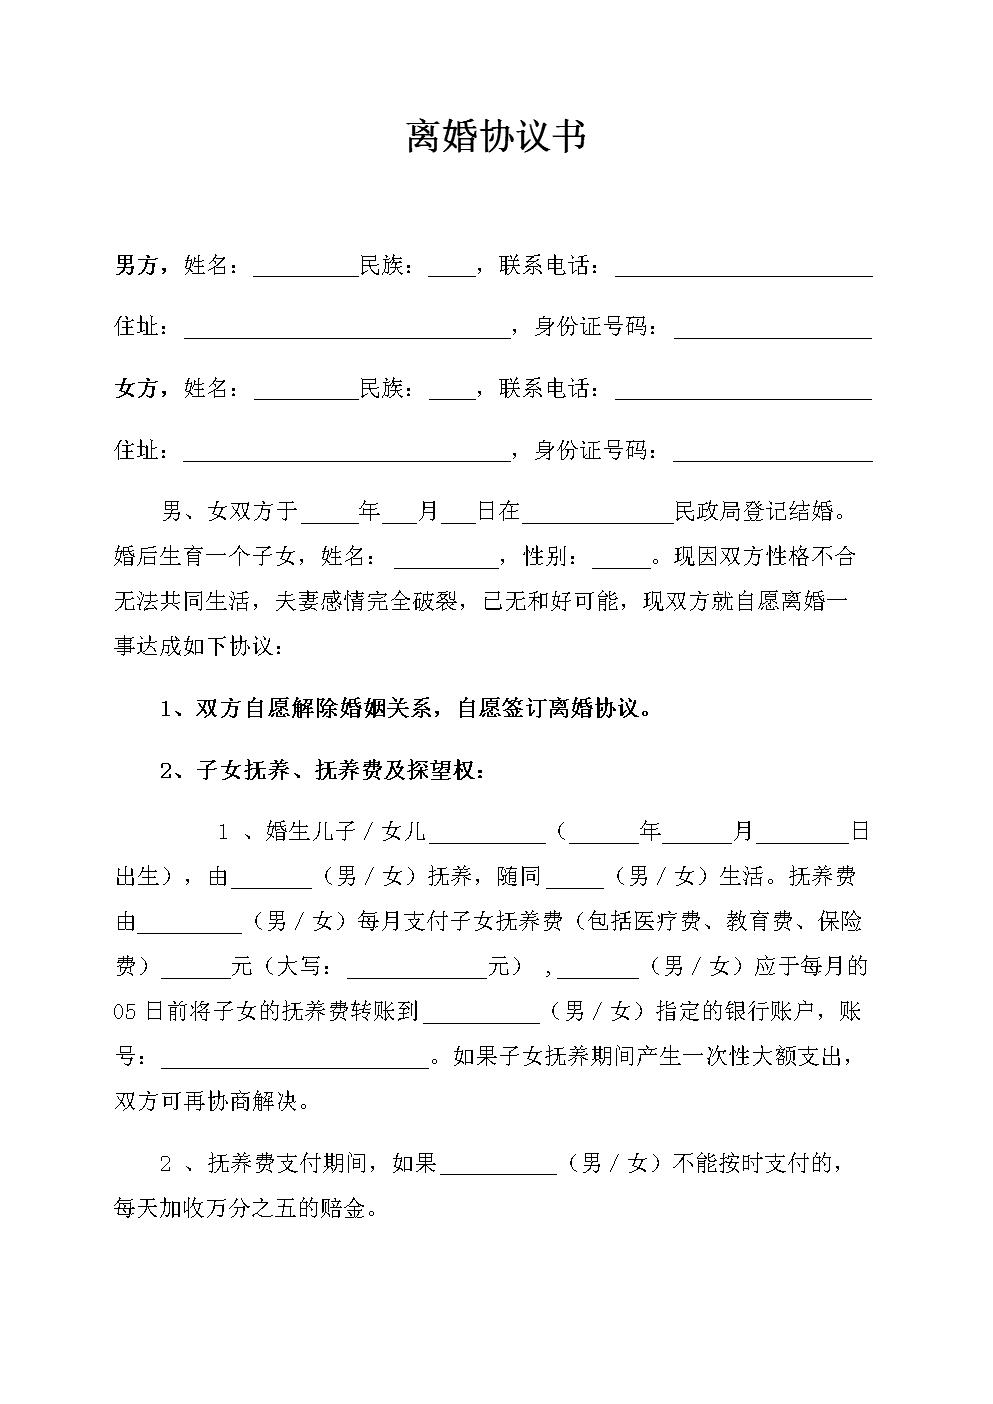 B00-1个子女(无)财产(无)债务(共2页).docx